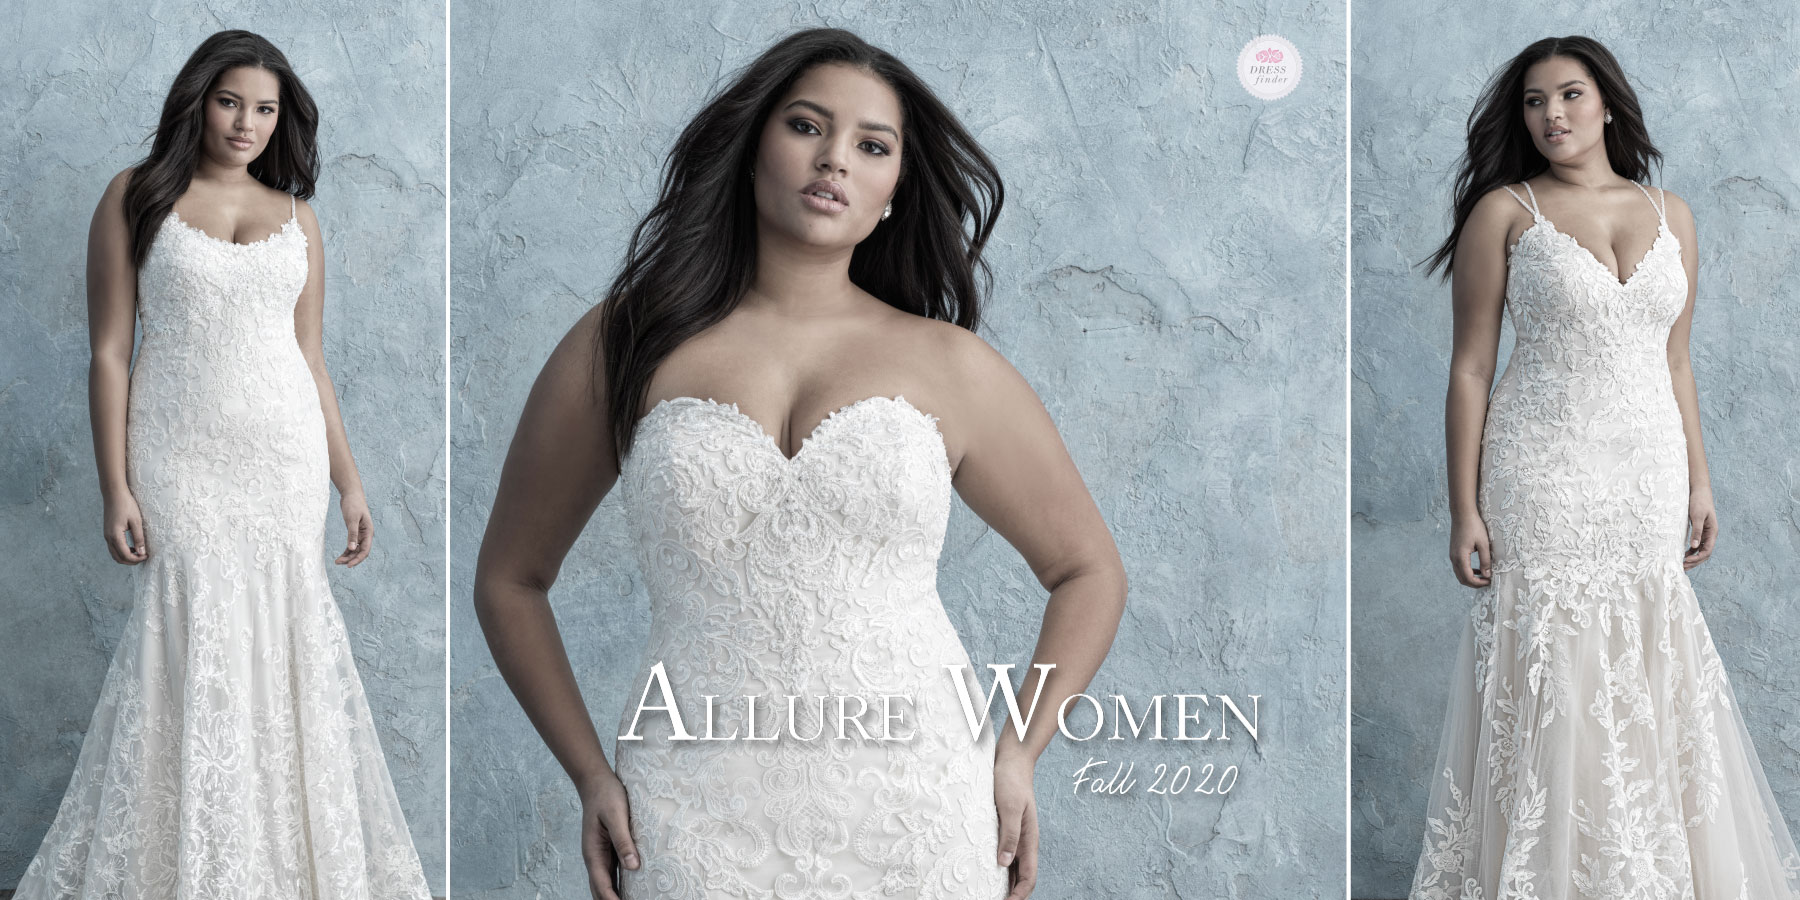 Allure Women